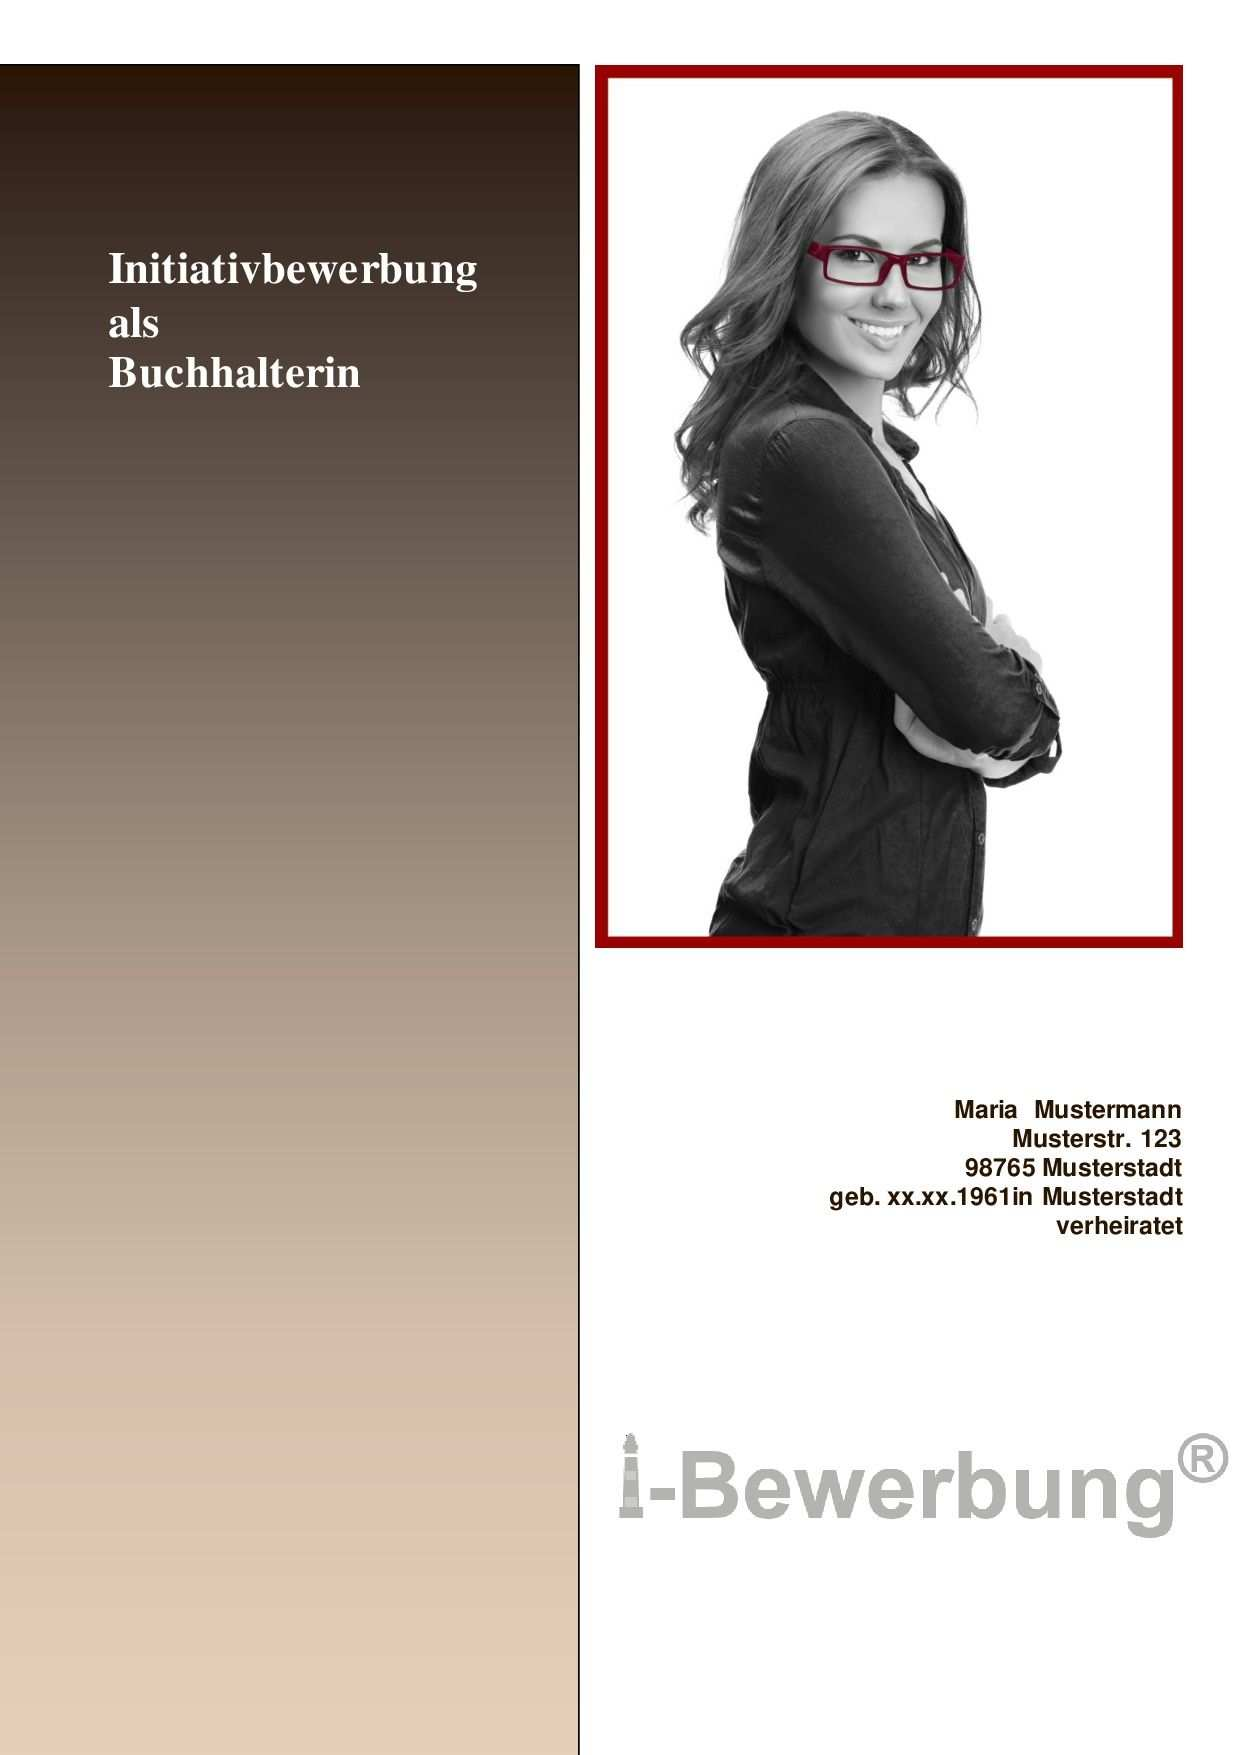 Gestaltung Deckblatt Zur Initiativbewerbung Deckblatt Bewerbung Vorlage Deckblatt Bewerbung Deckblatt Vorlage